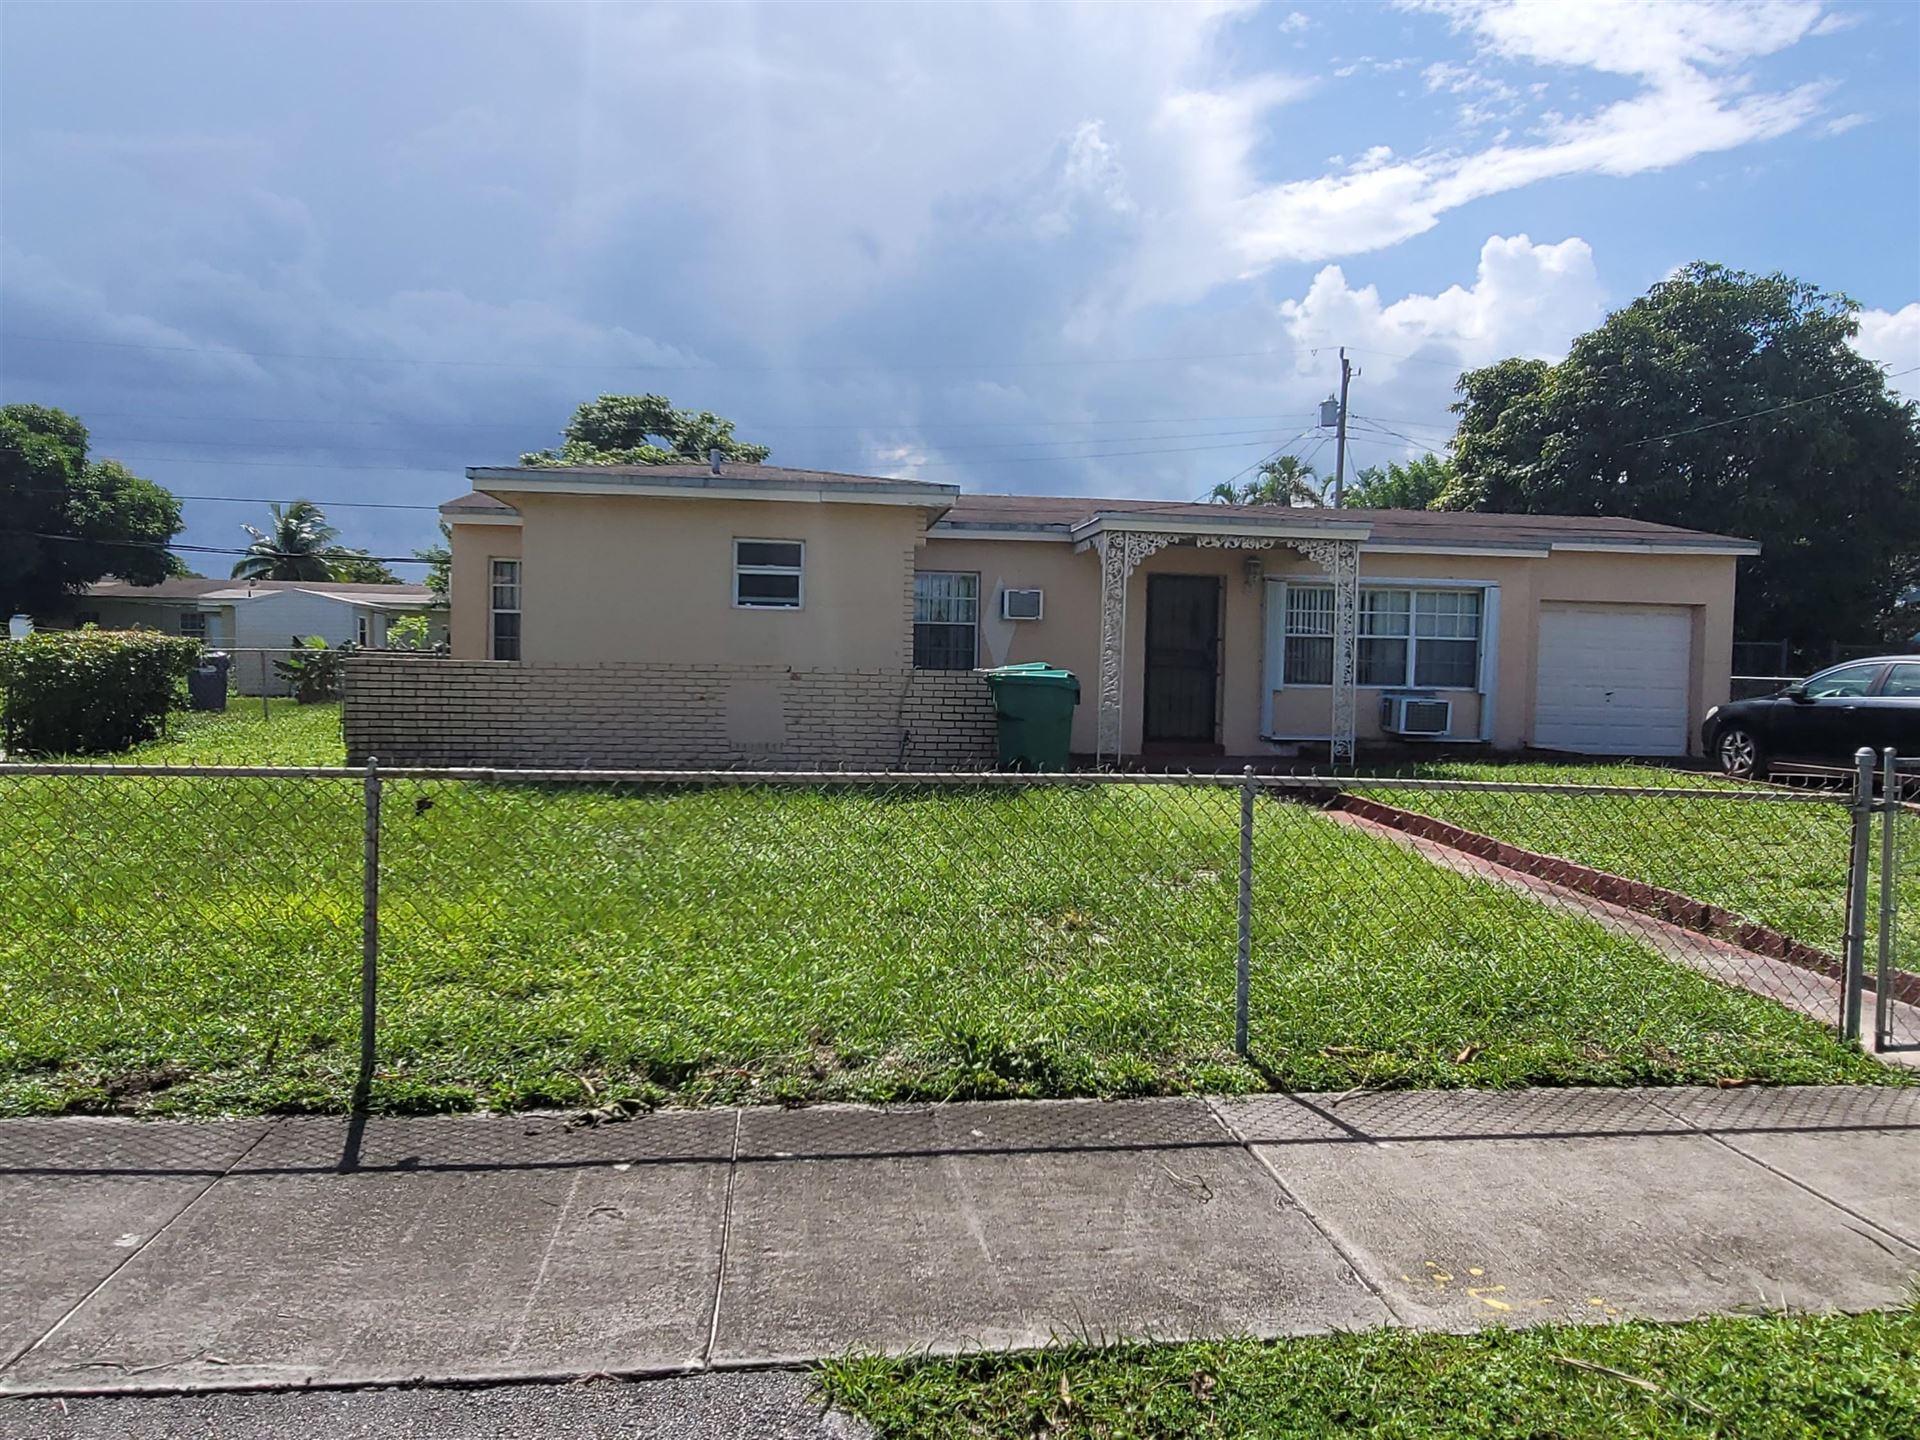 15920 NW 18th Avenue, Miami Gardens, FL 33054 - MLS#: RX-10702736